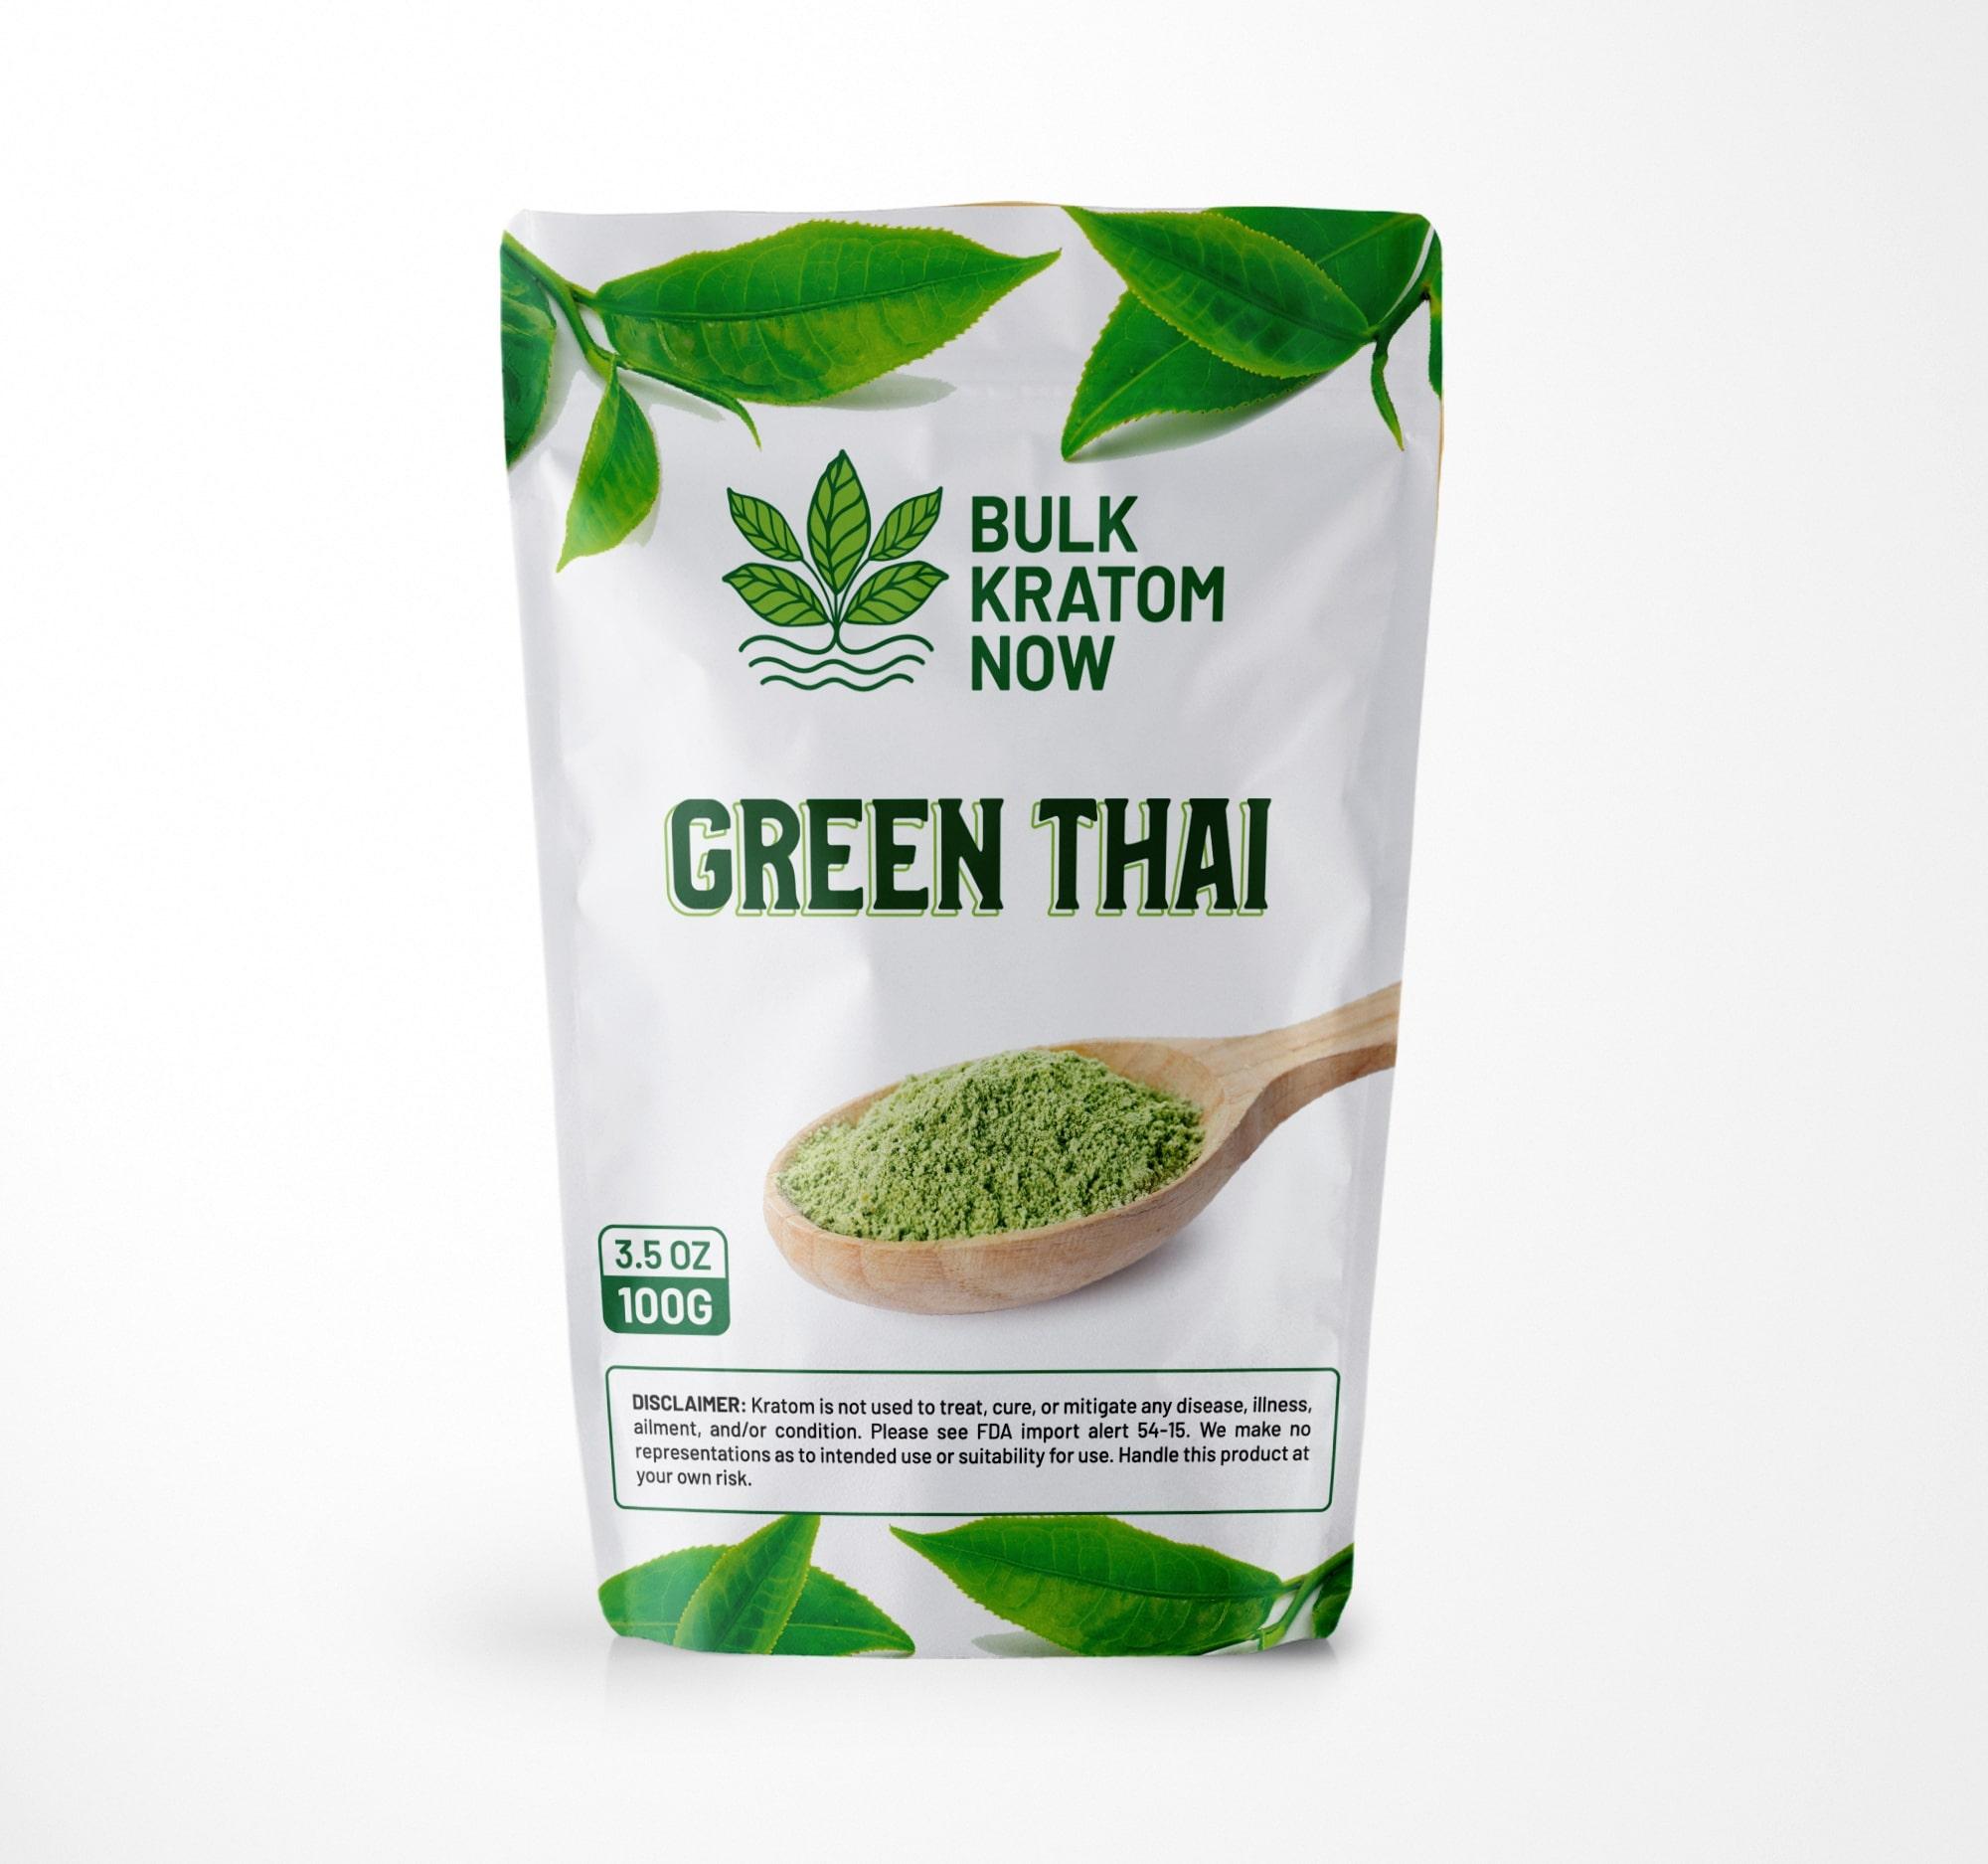 Green Thai Bulk Kratom